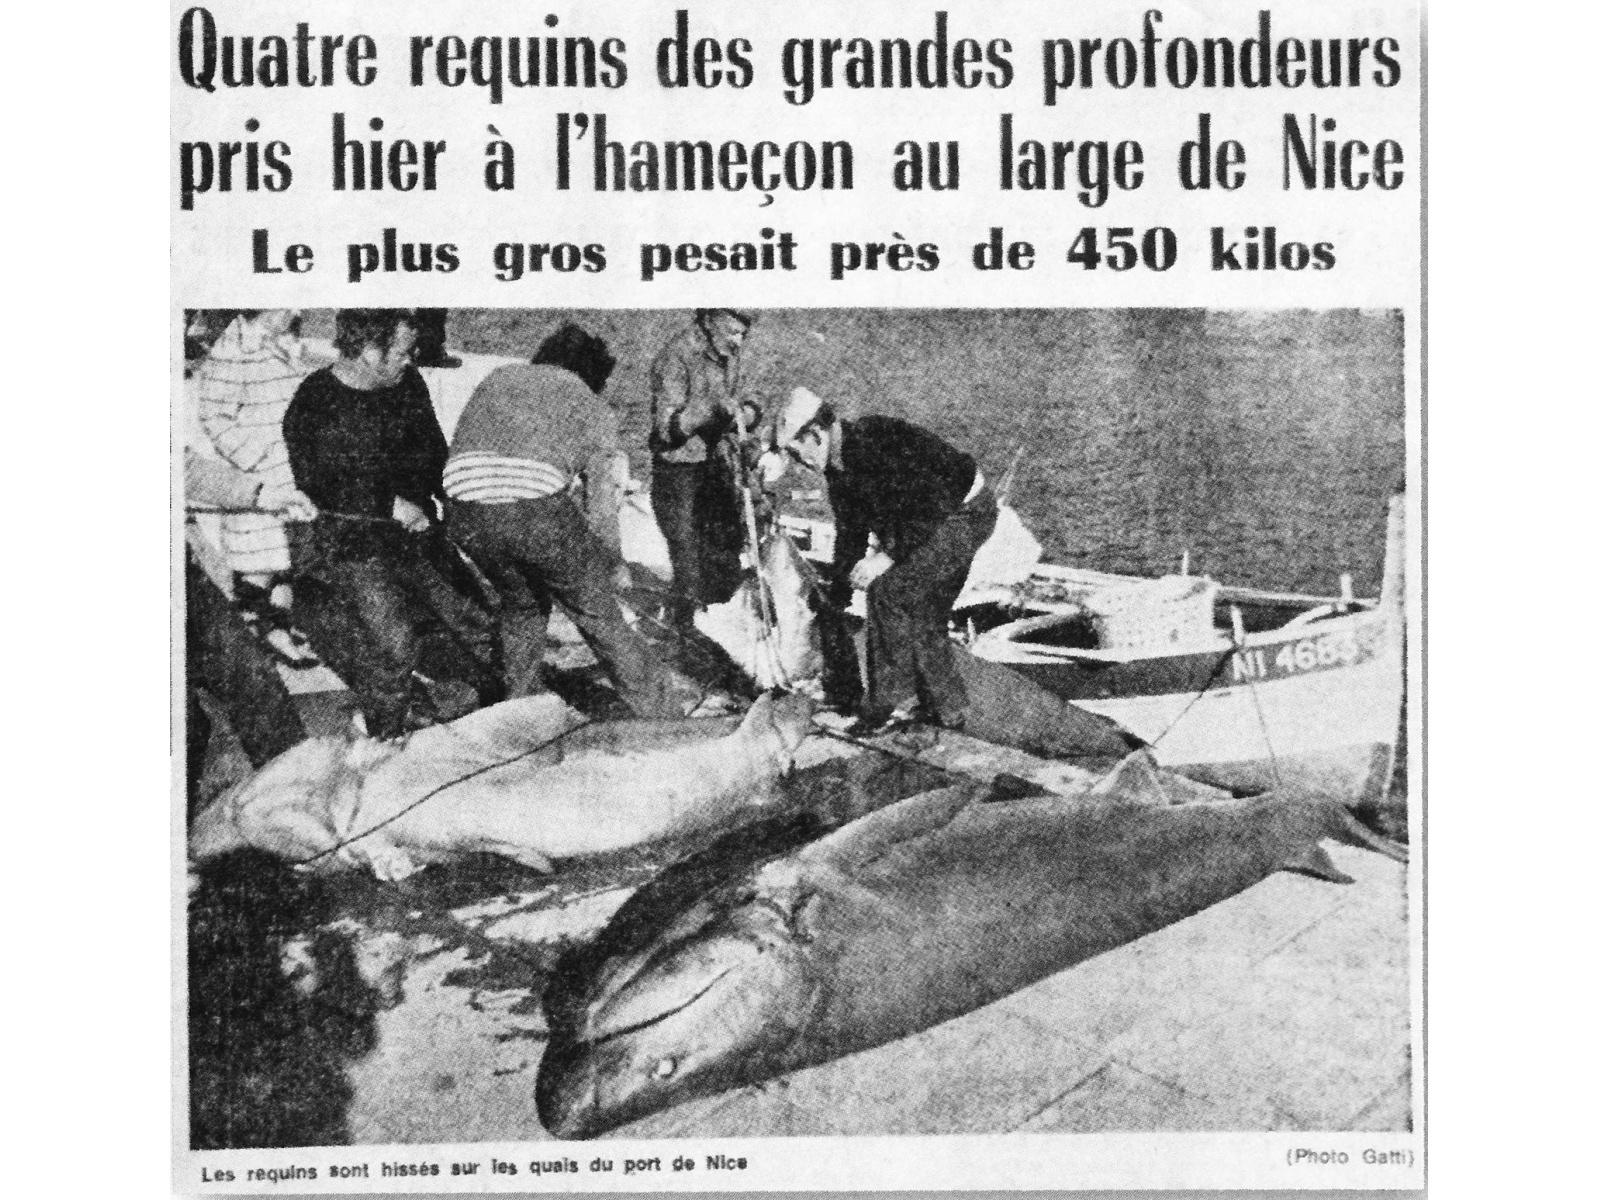 Auparavant, les requins grisets étaient pêchés à la palangre par des professionnels (extrait d'un Nice Matin des années 70)